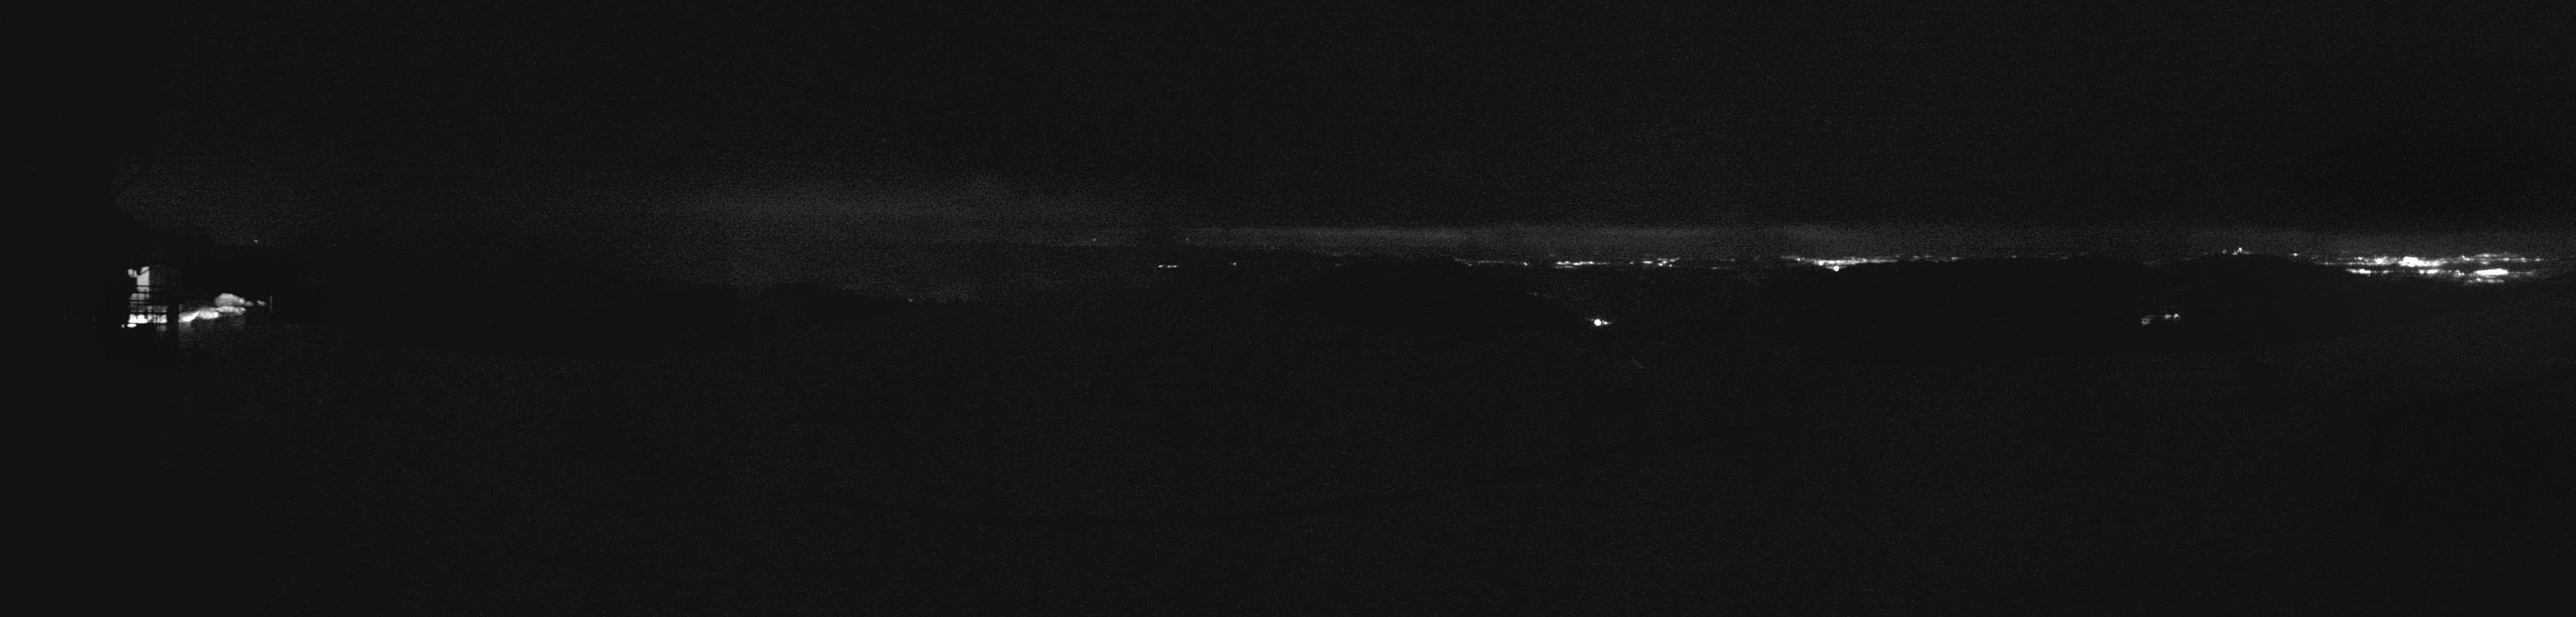 25h ago - 22:04